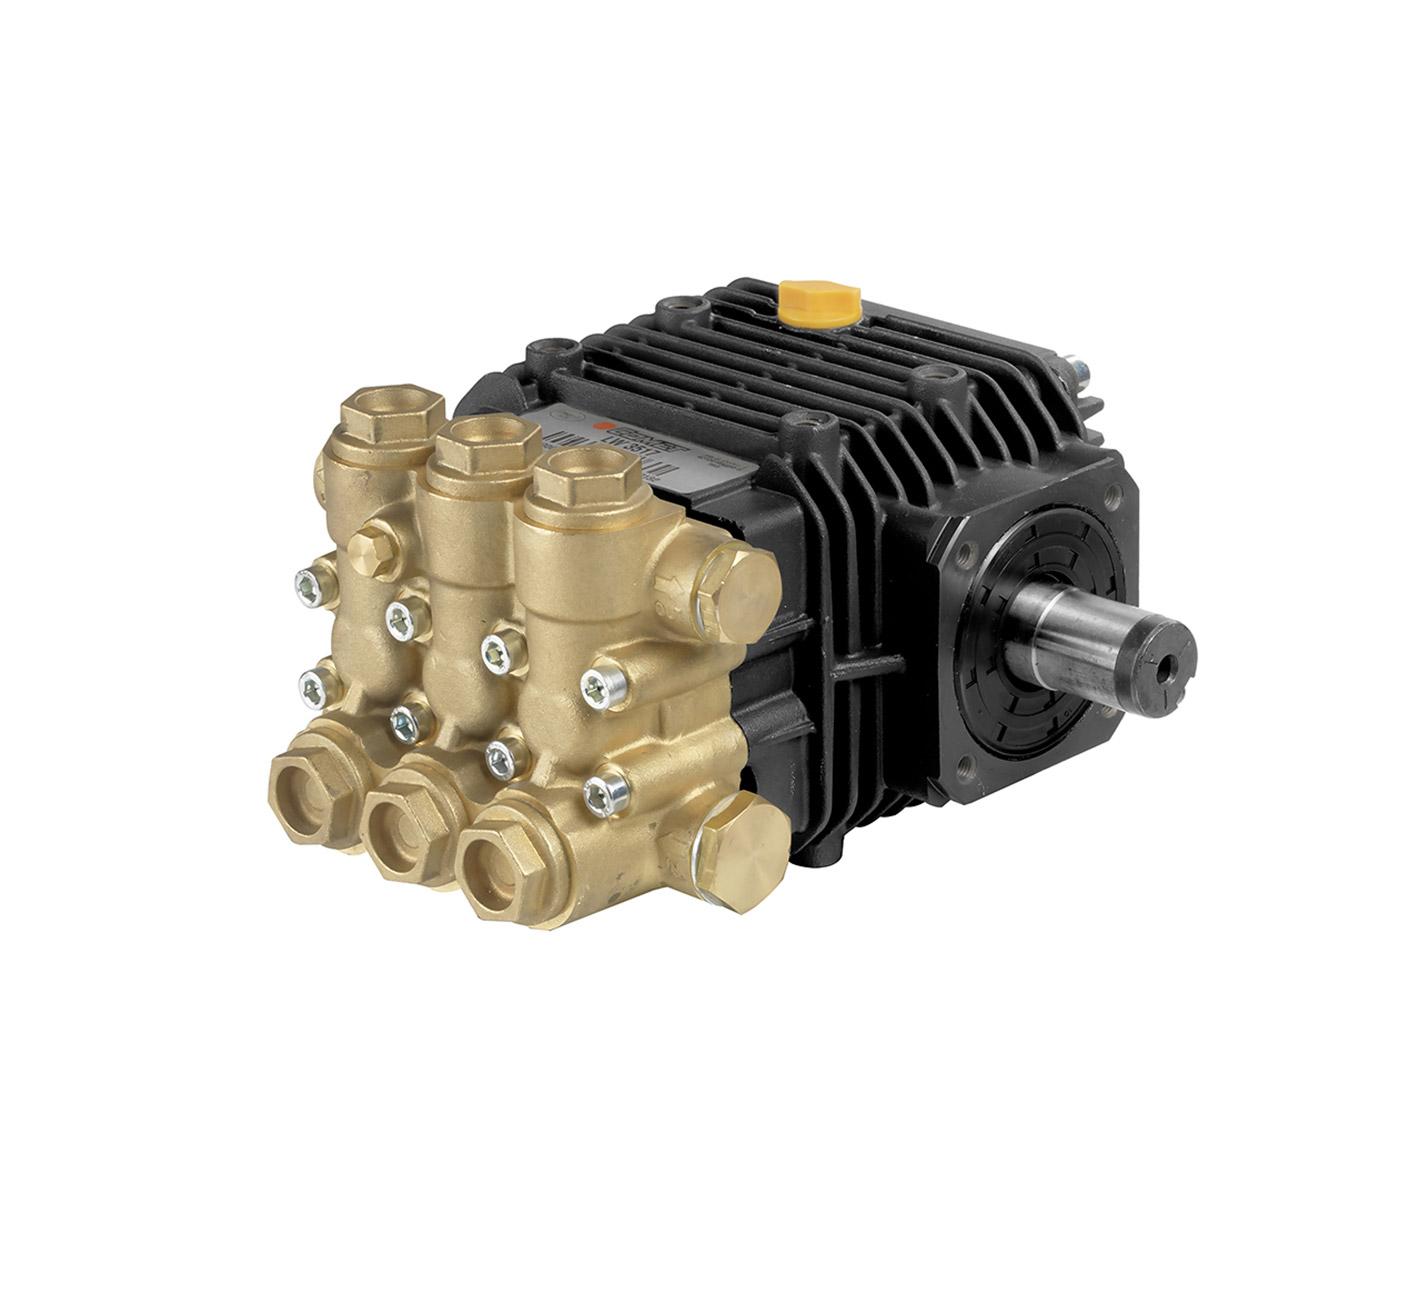 lw lws Comet Industrial Pumps